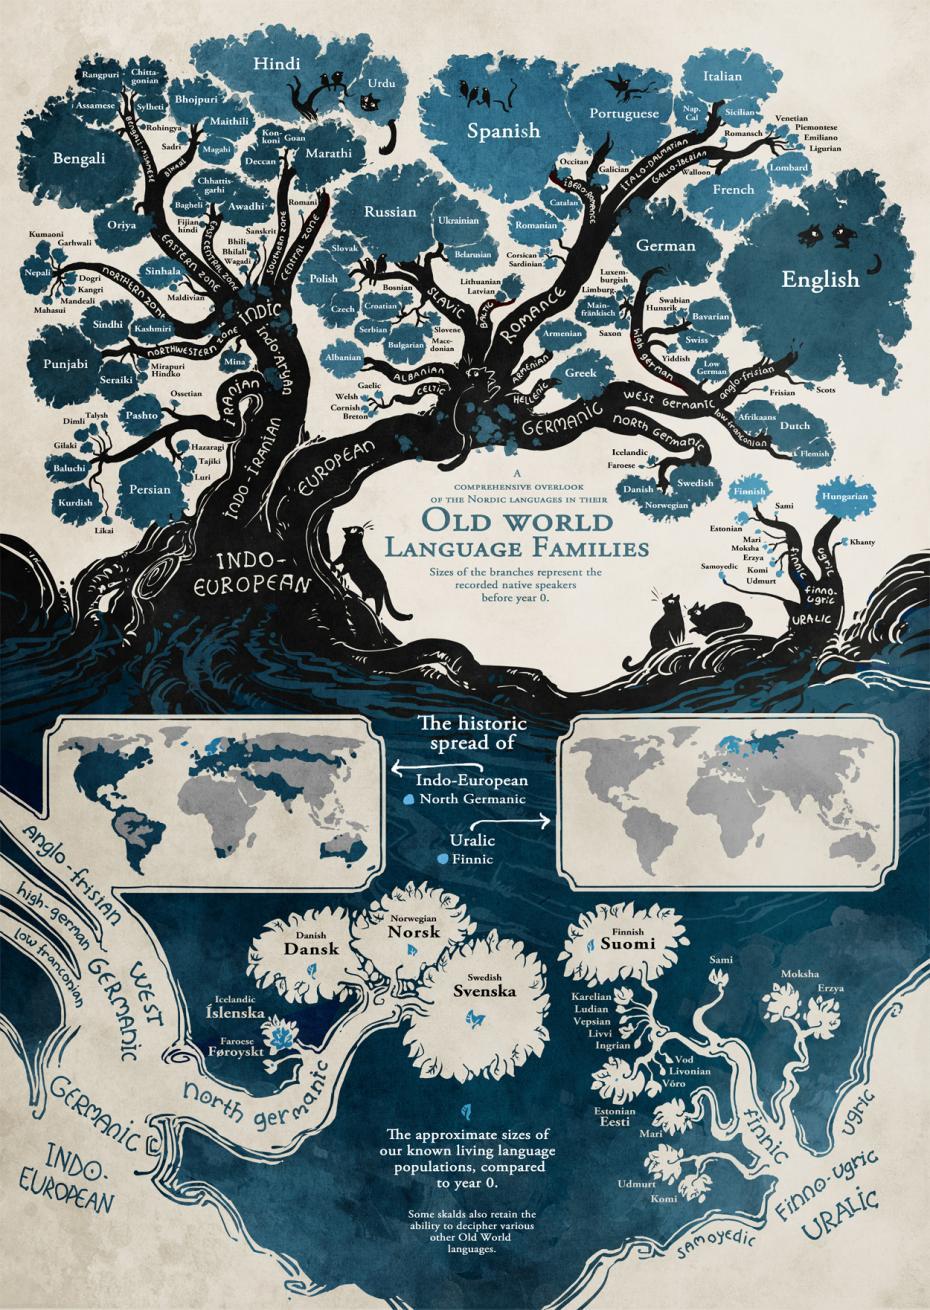 illustrated-linguistic-tree-languages-minna-sundberg-high-res